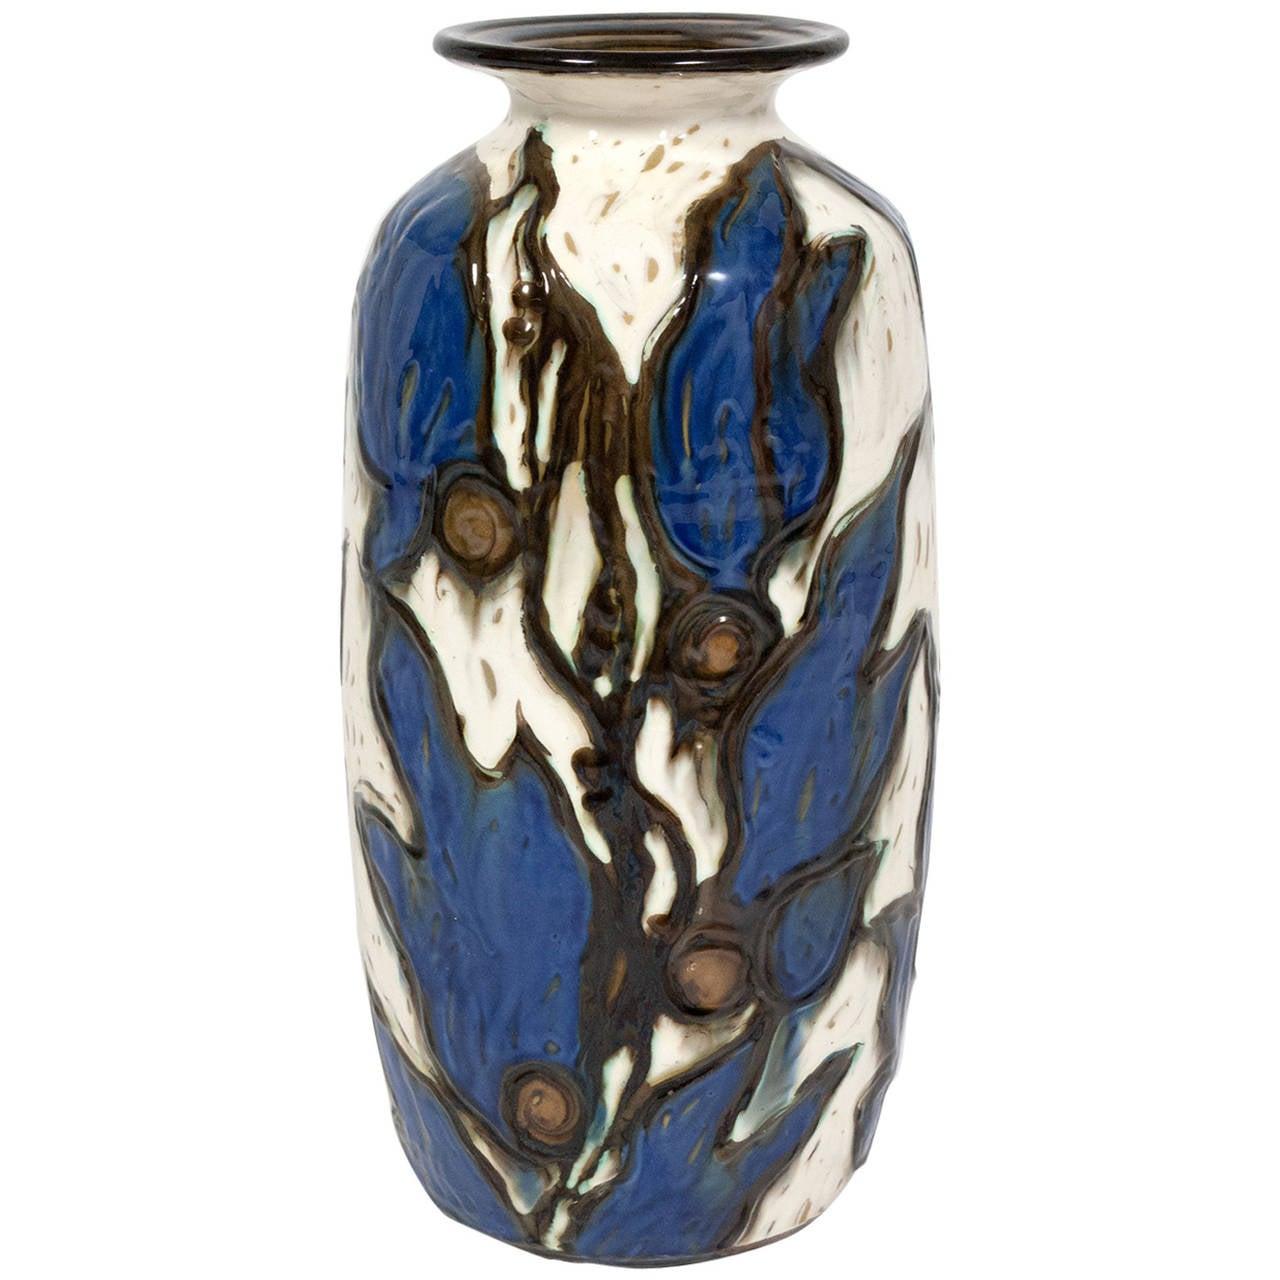 1920s herman k hler ceramic vase designed by jens thirslund for sale at 1stdibs. Black Bedroom Furniture Sets. Home Design Ideas